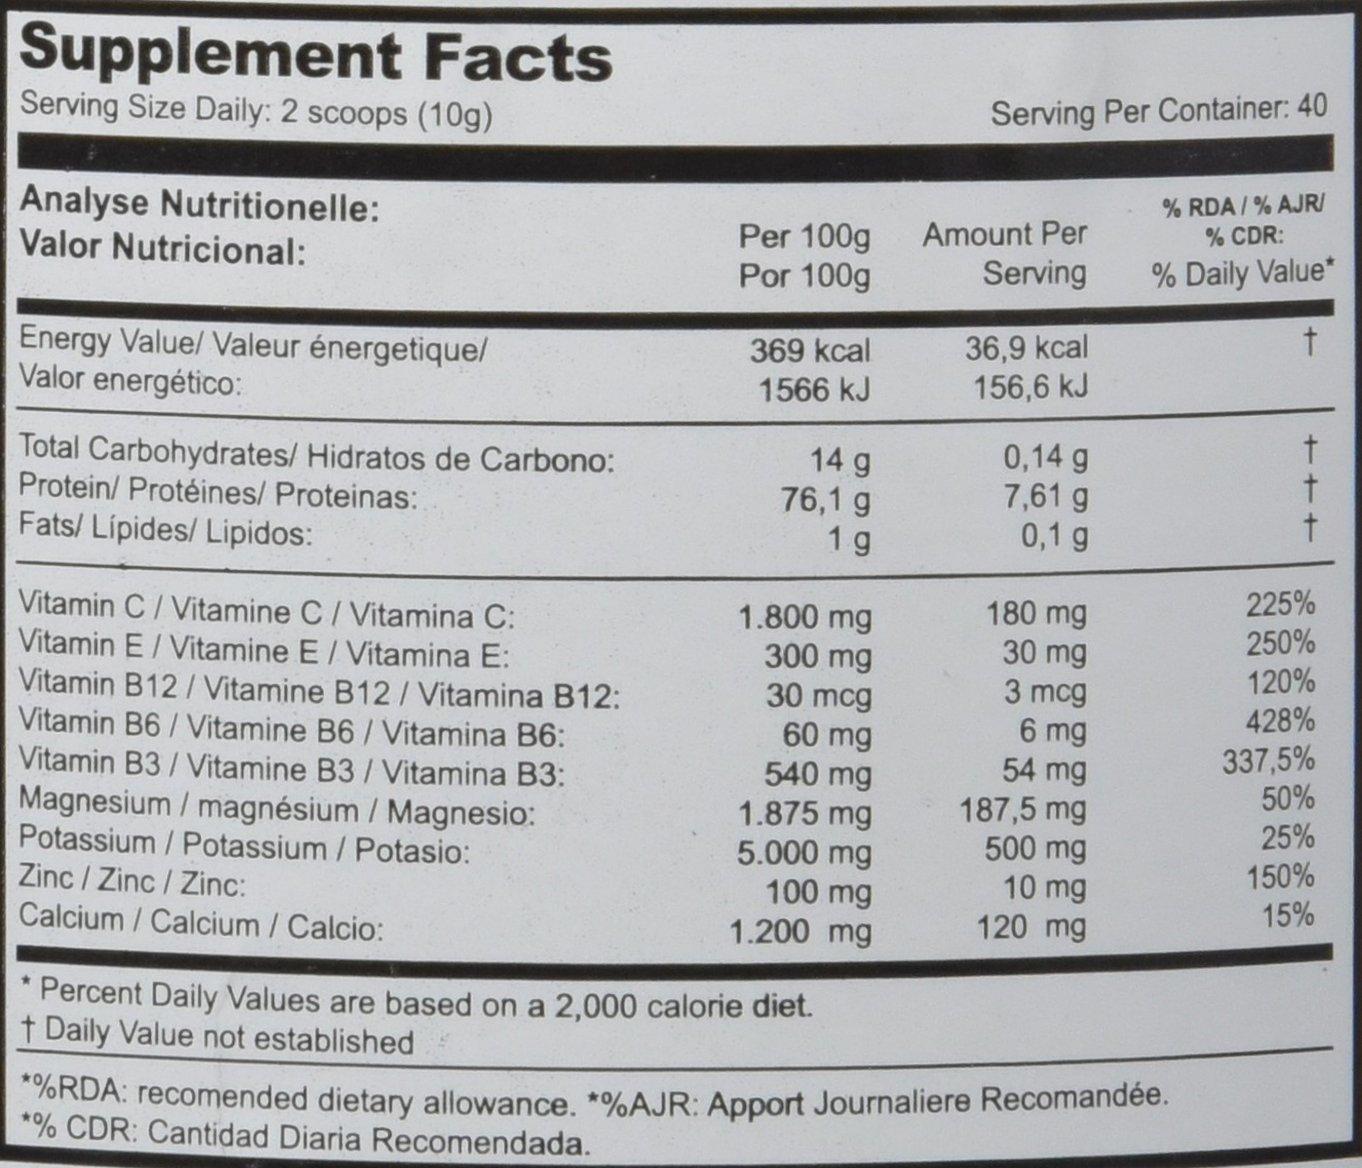 Perfect Nutrition RESET Anticatabolic Formula, Suplemento para Deportistas Intra y Post Entreno, Sabor a Limón - 400 gr: Amazon.es: Salud y cuidado personal